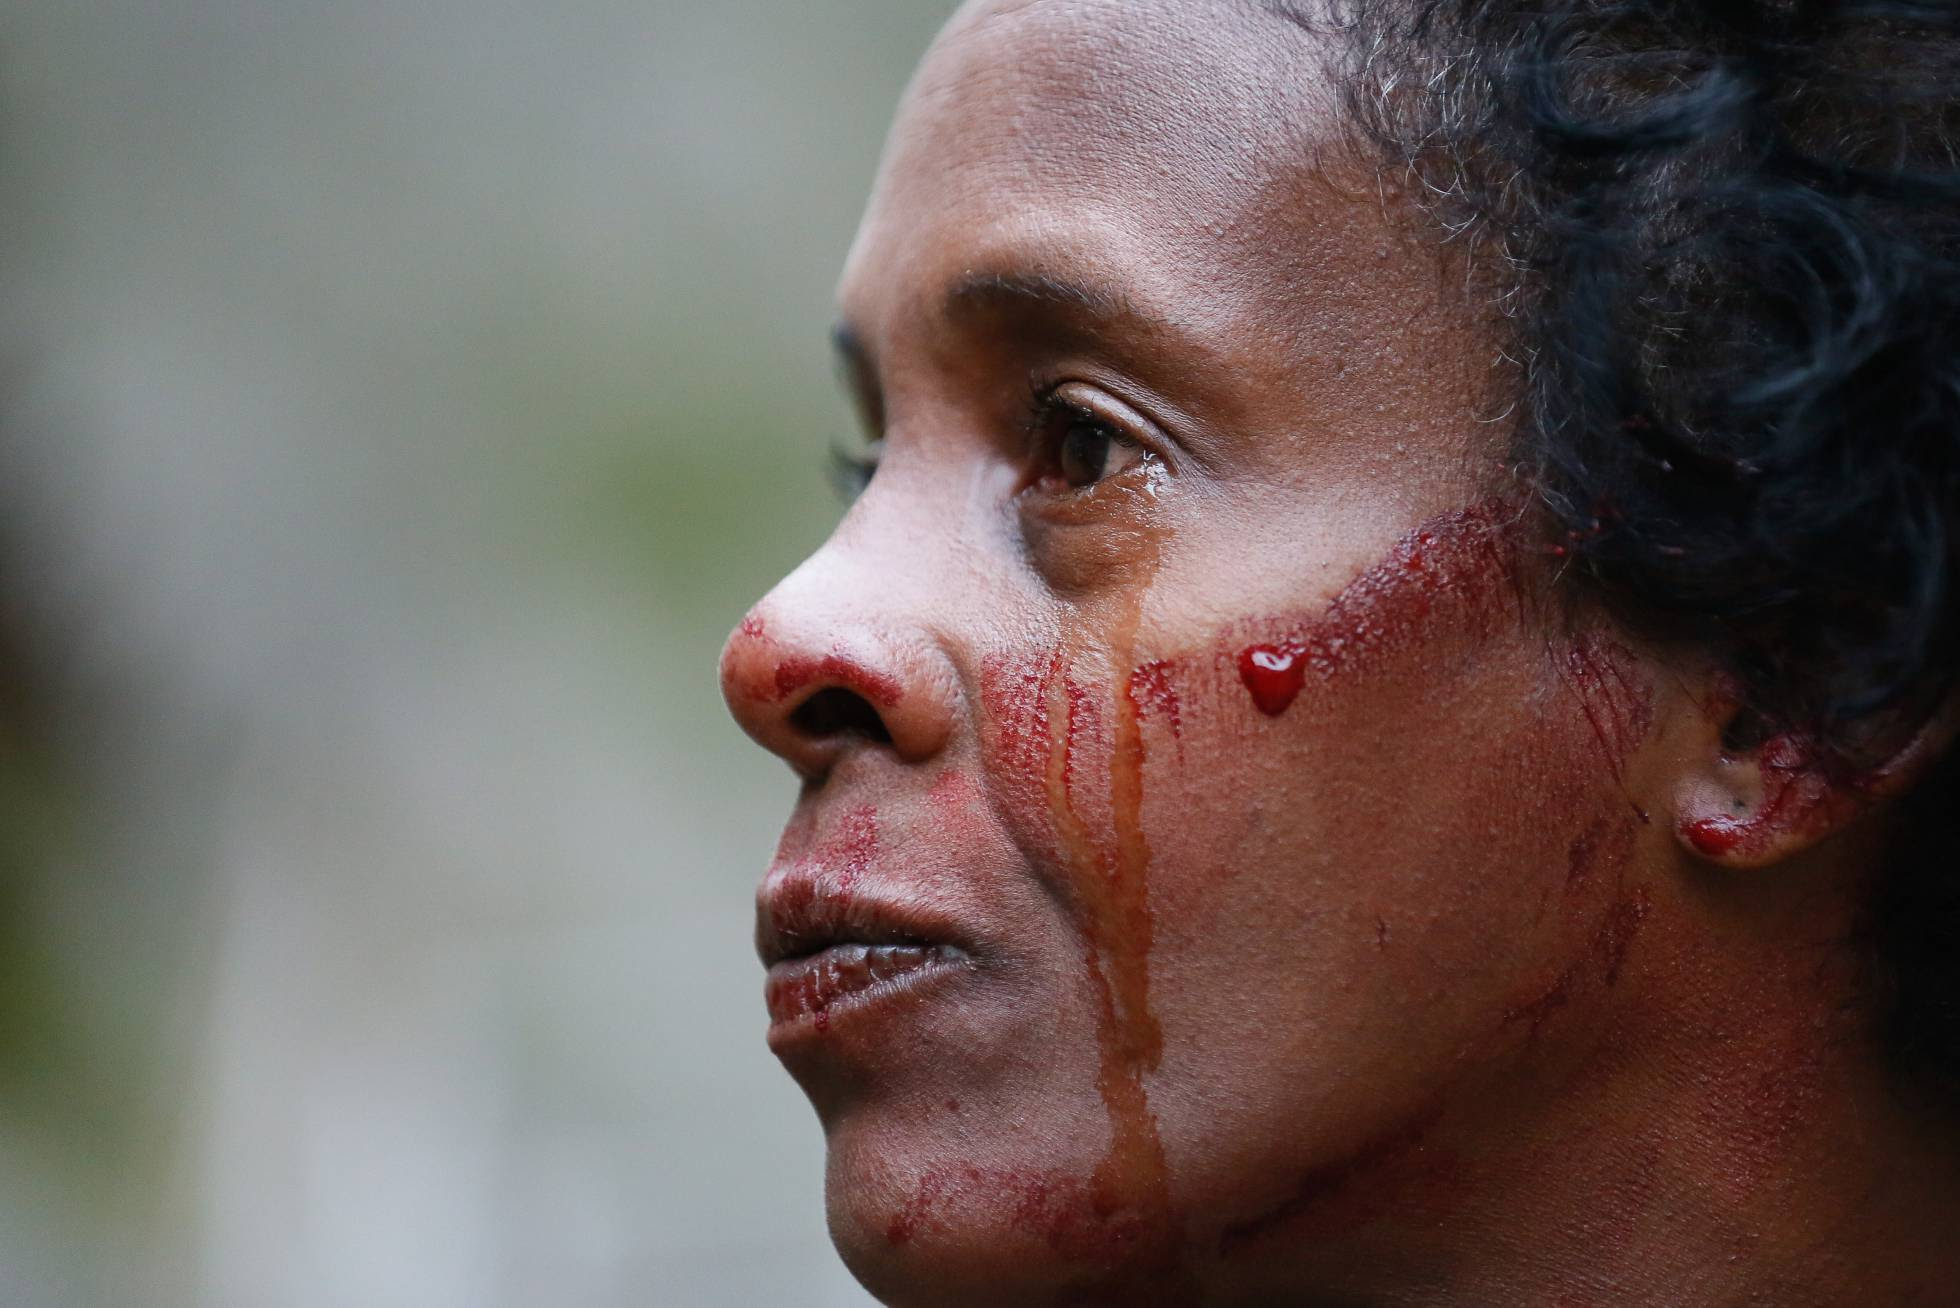 Sheila Cristina Nogueira da Silva chora a morte do filho Carlos Eduardo, 20 anos, com seu sangue no rosto, no dia 10 de junho, no Rio de Janeiro.